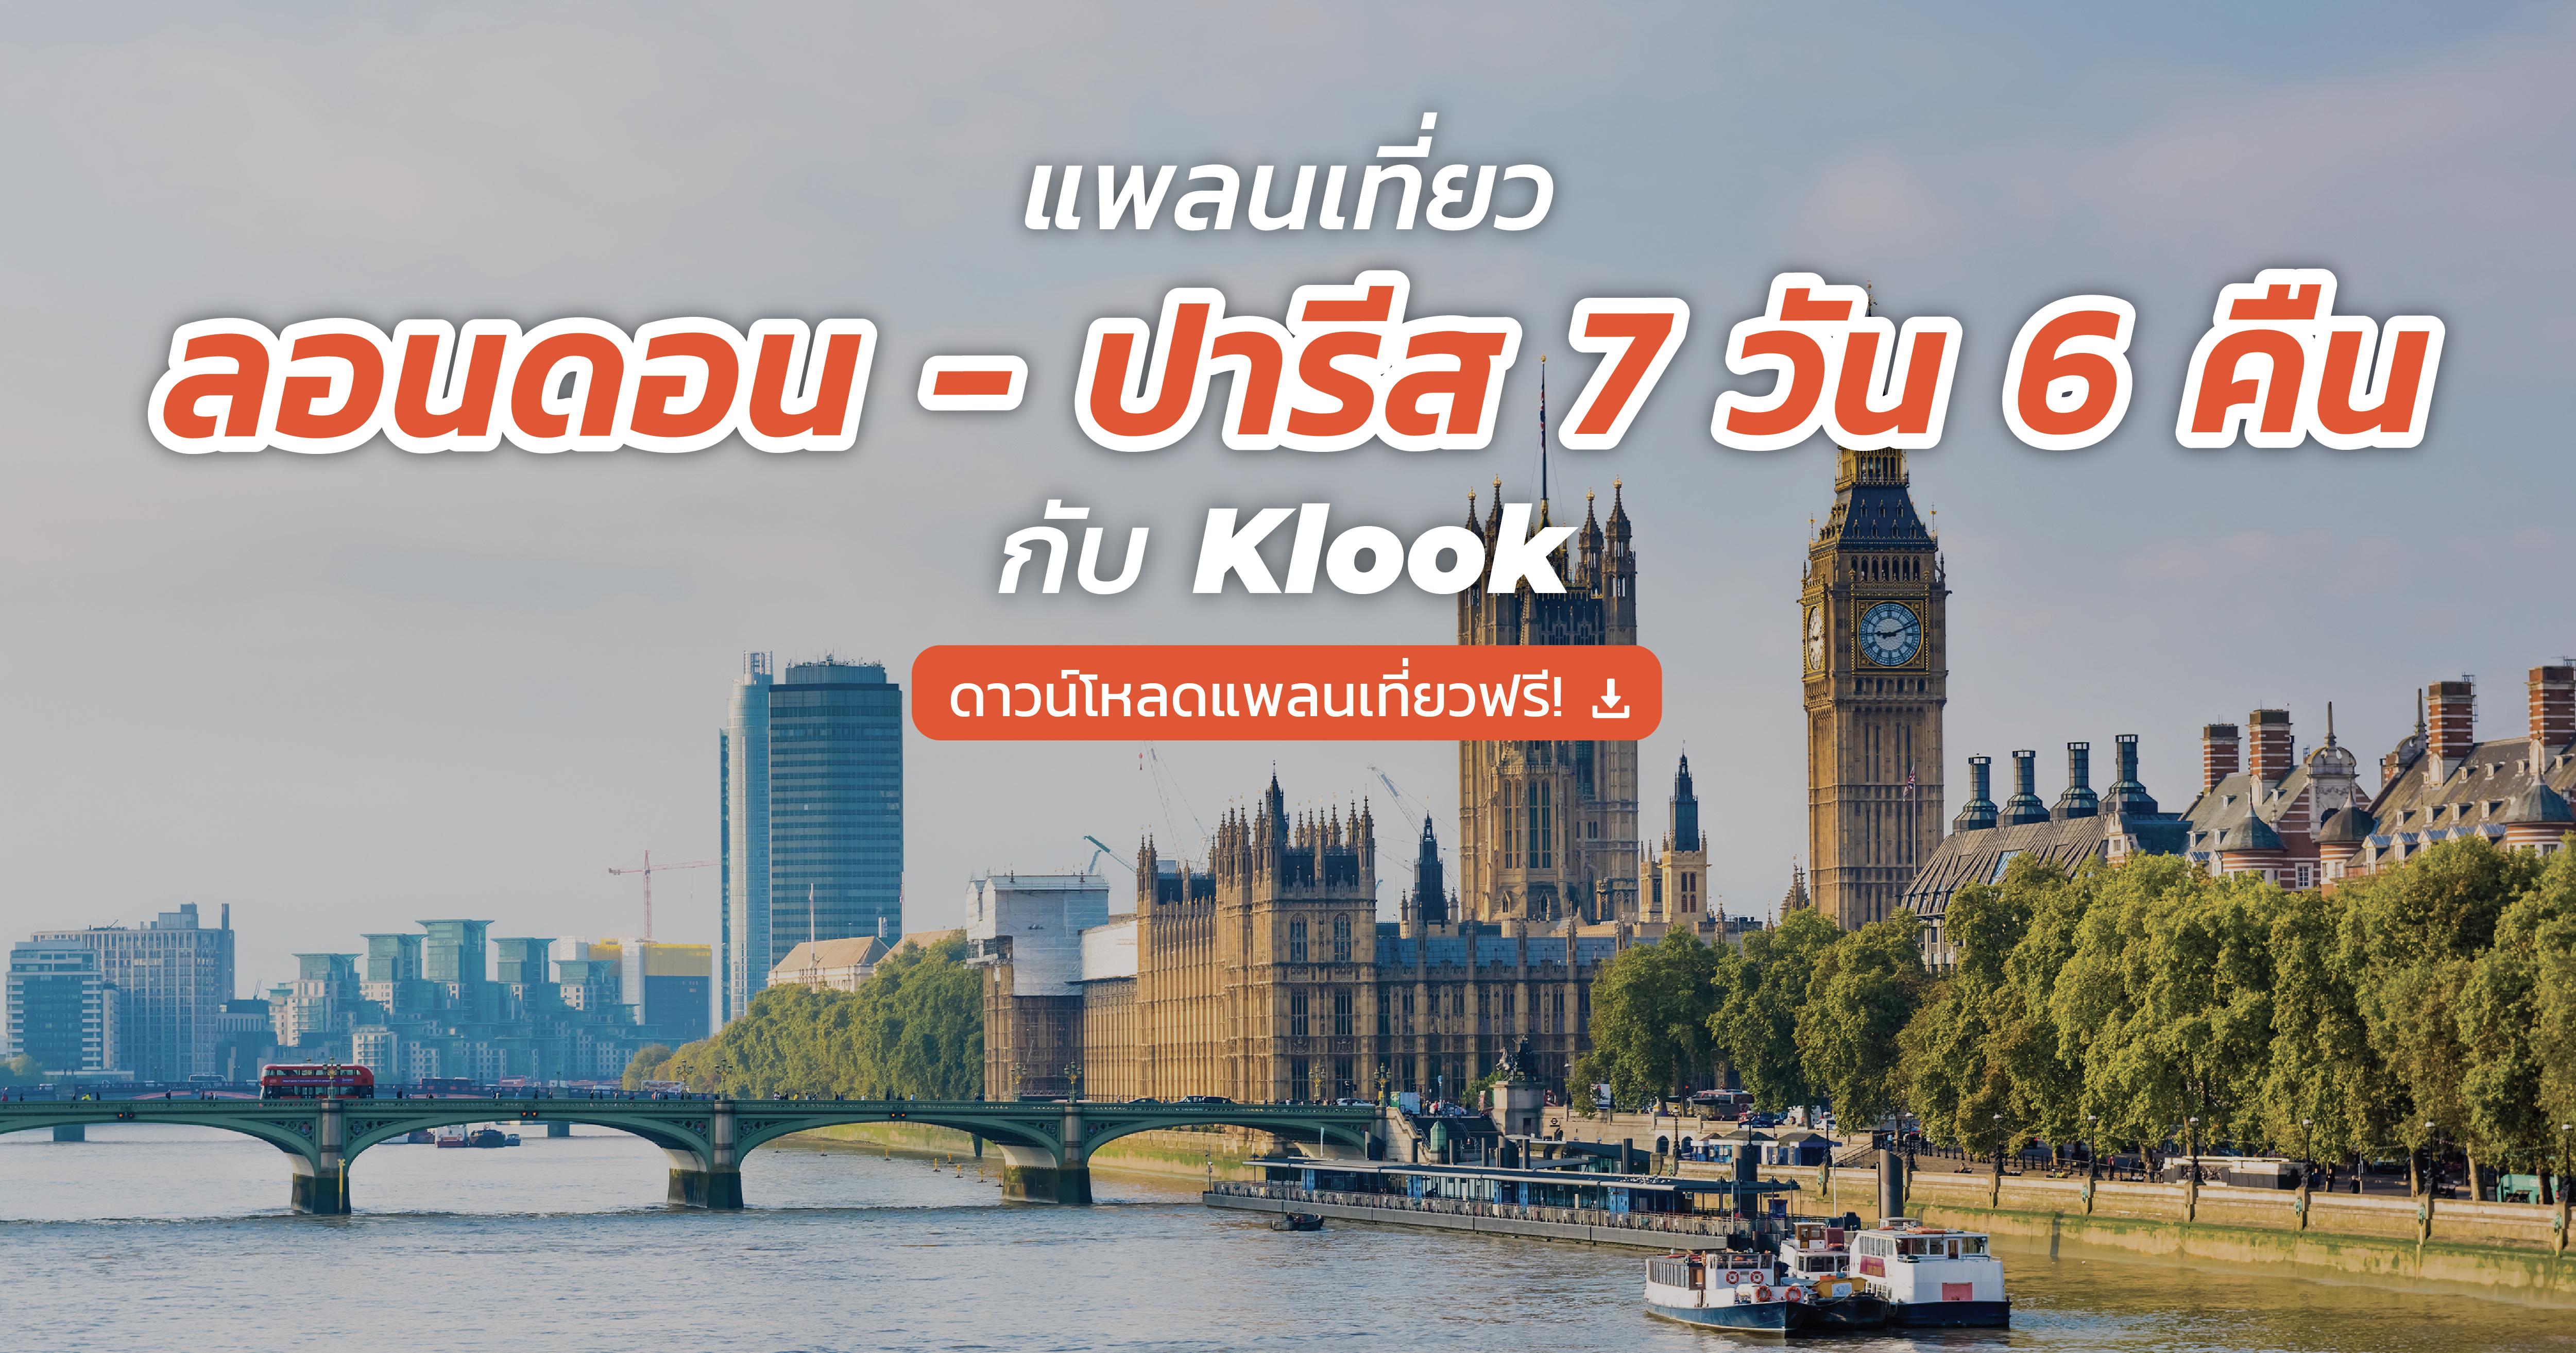 แพลนเที่ยวลอนดอน - ปารีสได้อย่างสะดวกสบายด้วย 7 วัน 6 คืนฟรี!